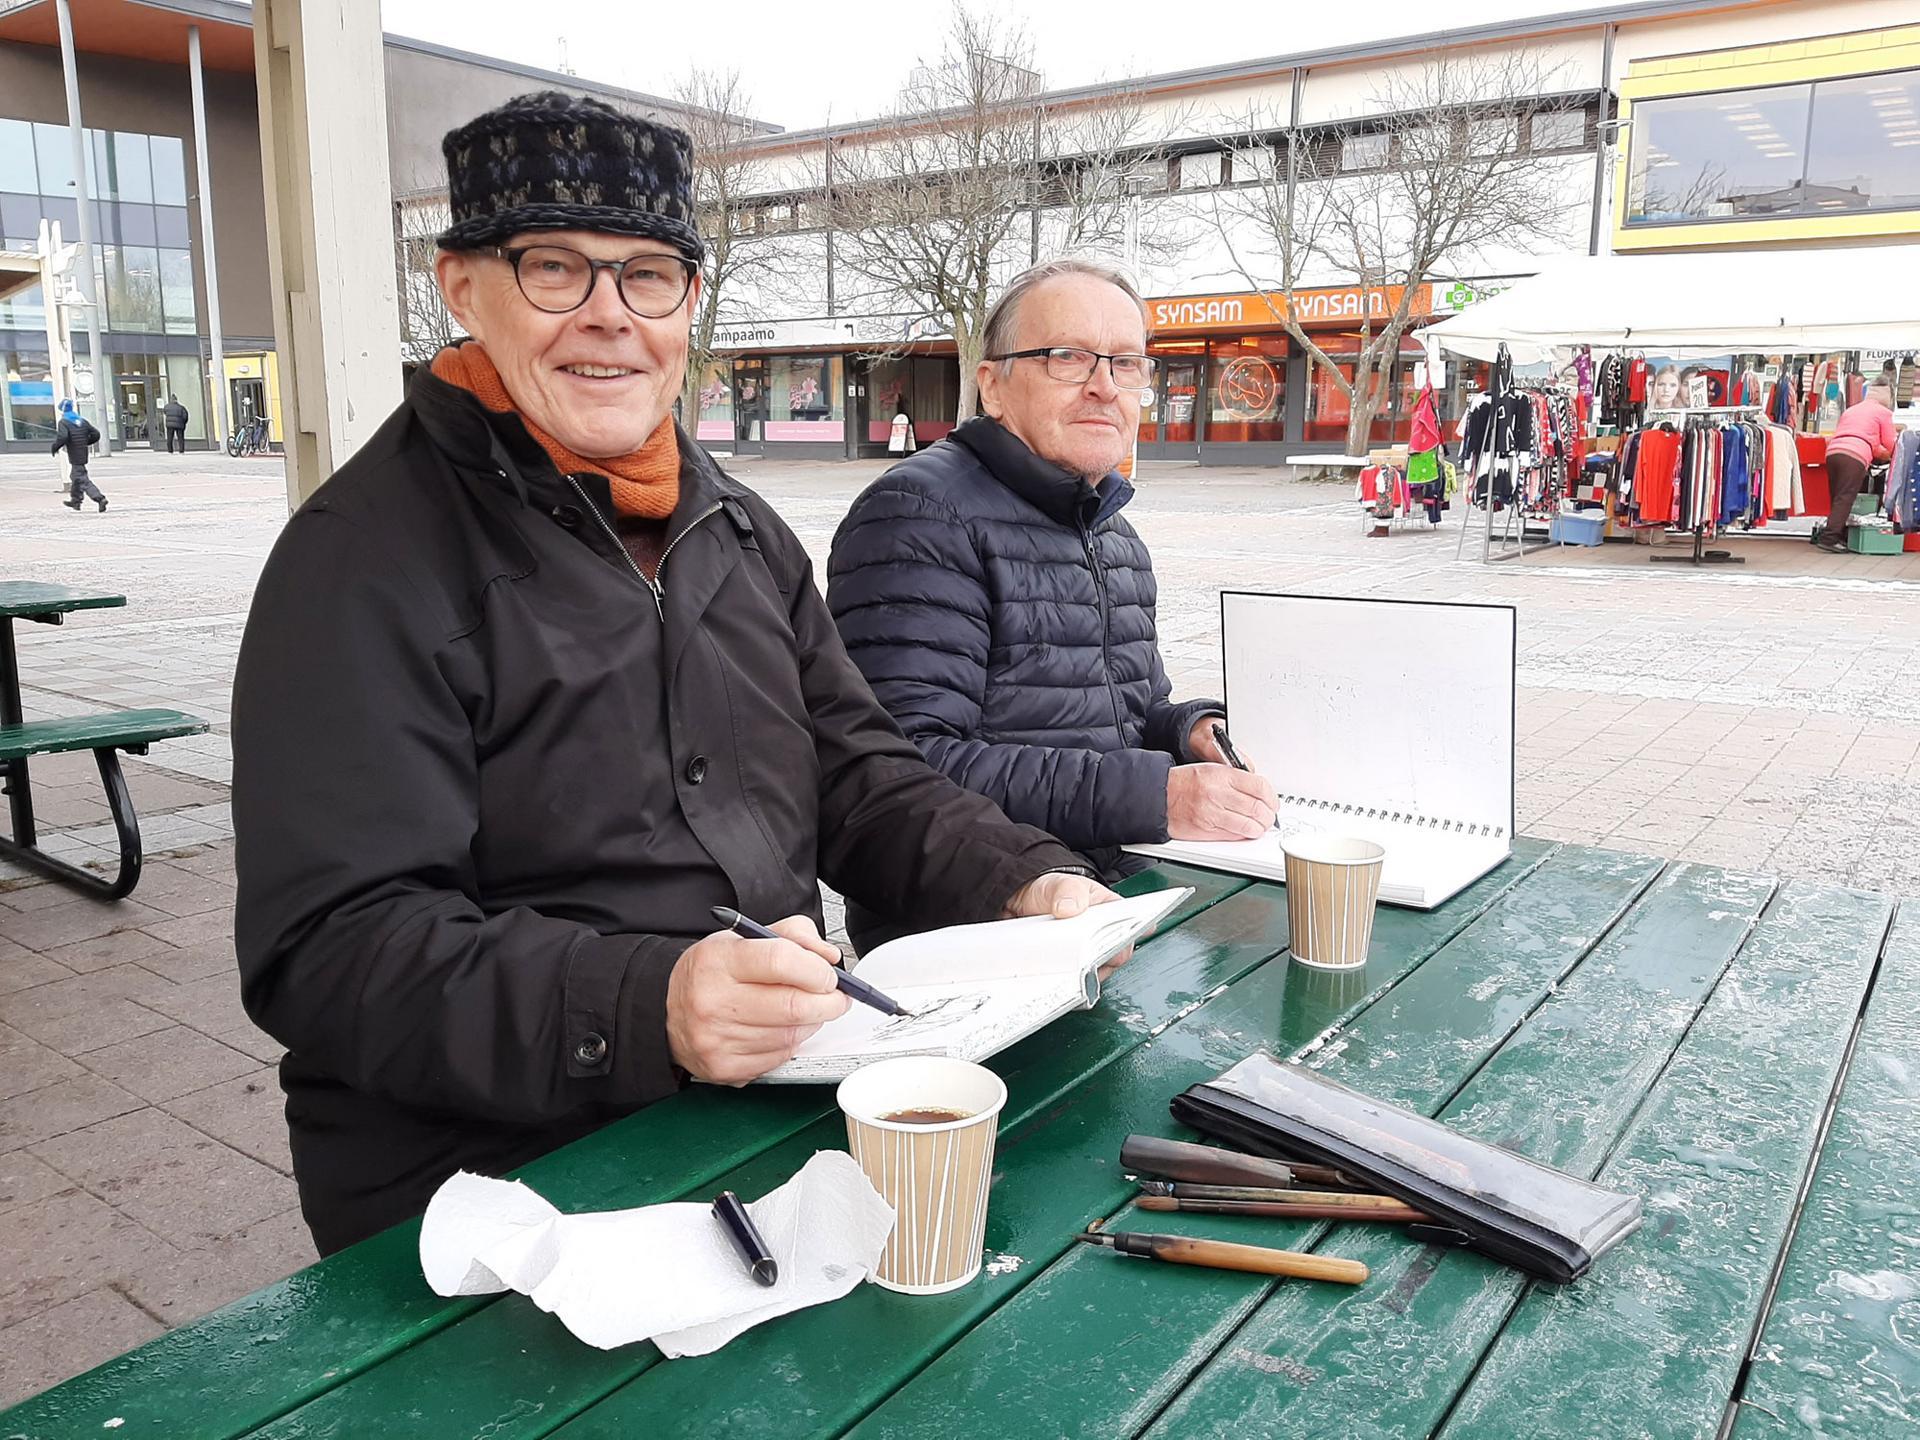 Markku Lahtinen ja Olli Mäkelä pitivät kahvitauon näyttelynsä ripustuksen välissä – missäs muualla kuin torikahviossa näkymiä piirrellen.